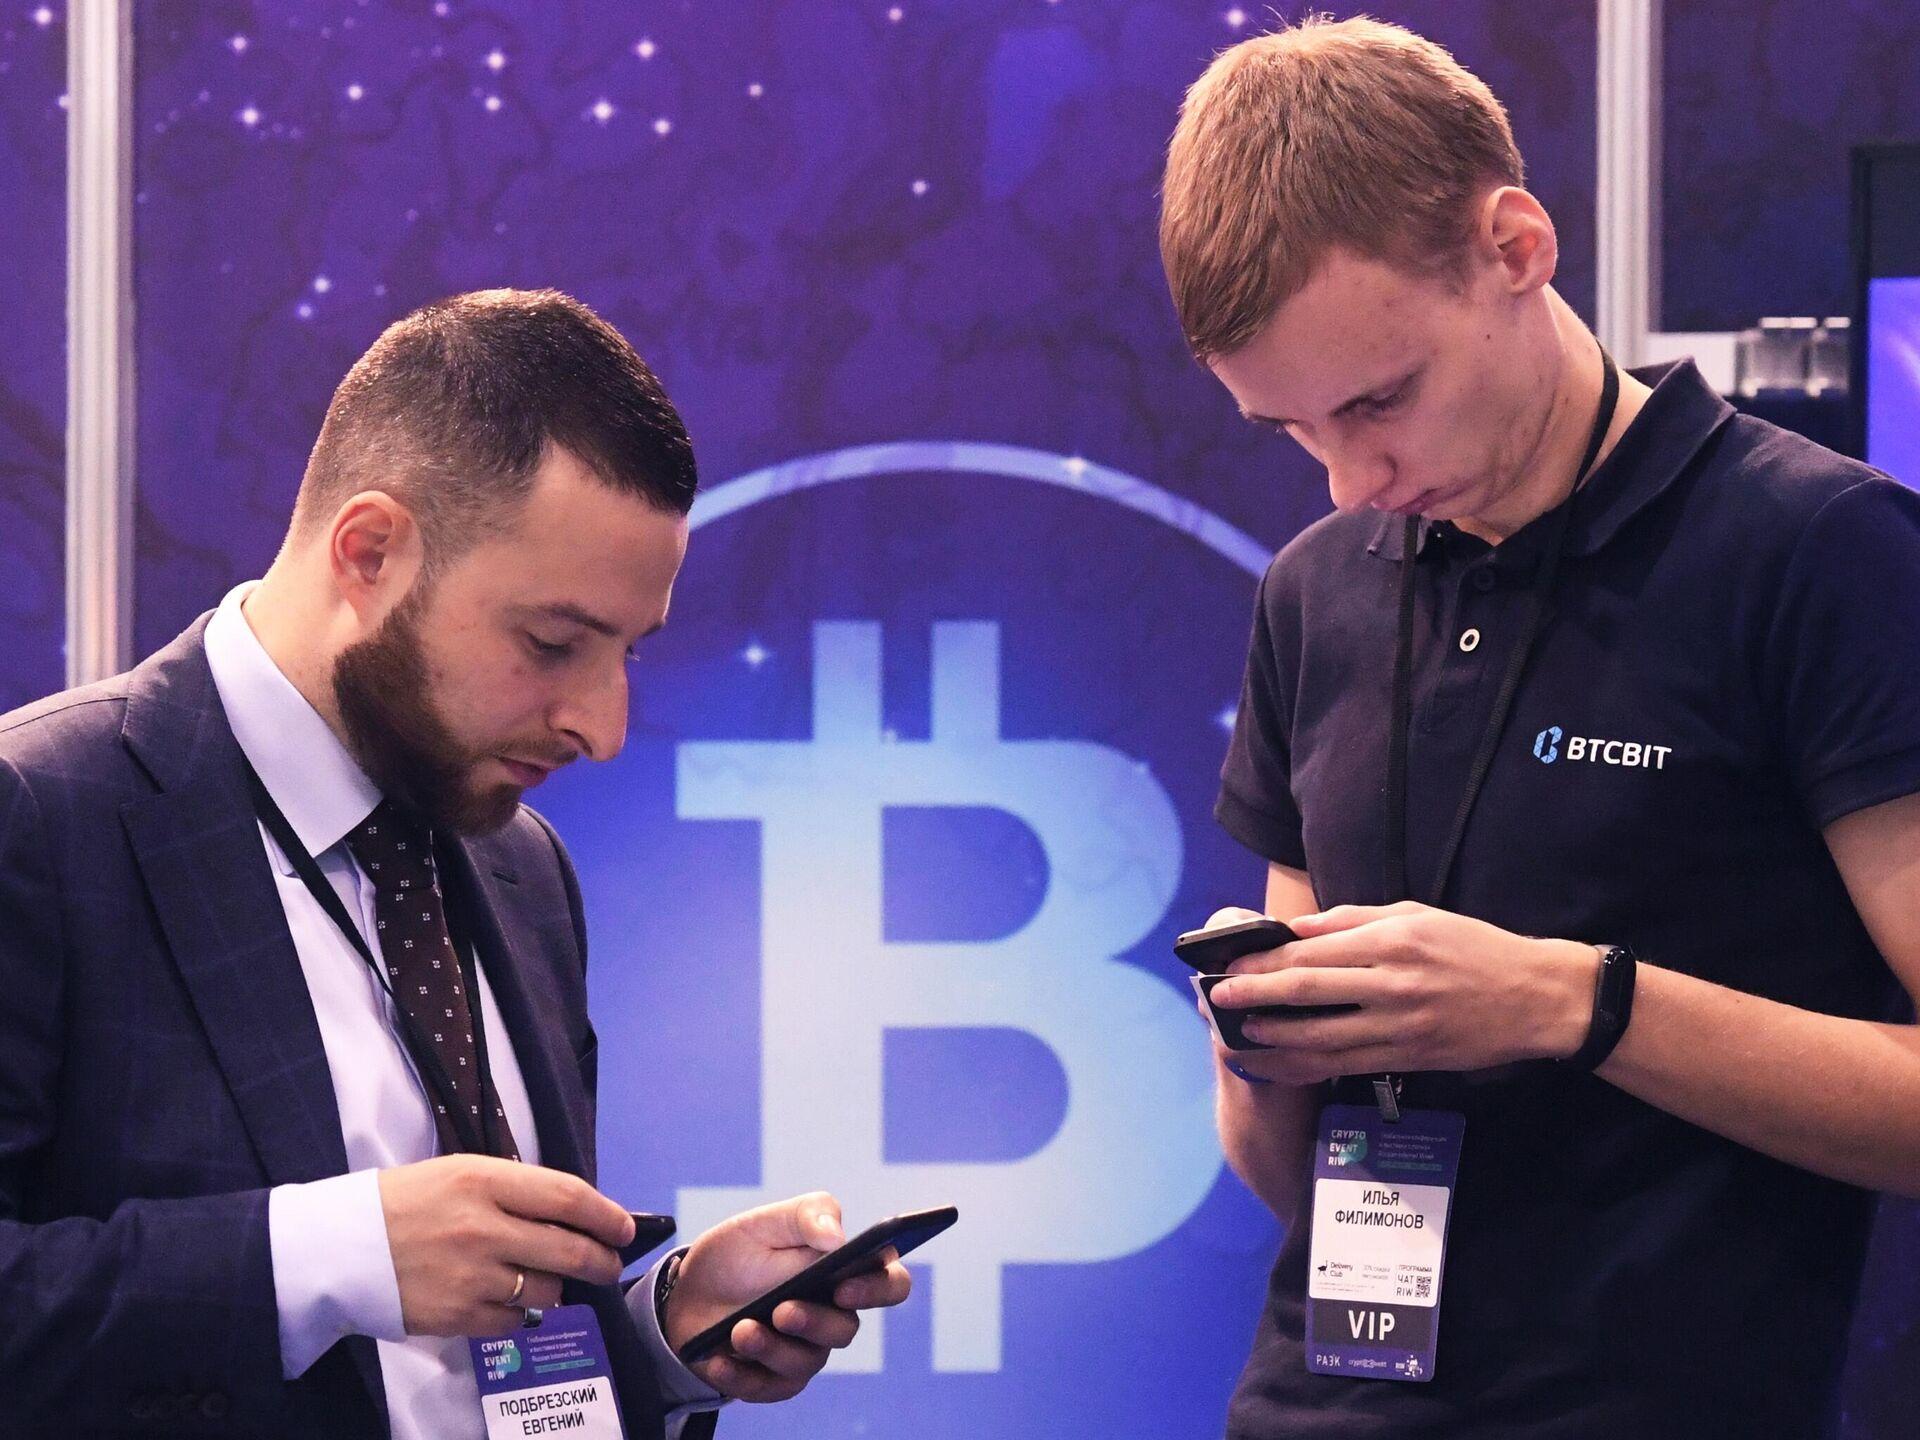 Участники конференции в одной из выставочных зон CryptoEvent RIW - РИА Новости, 1920, 24.02.2021